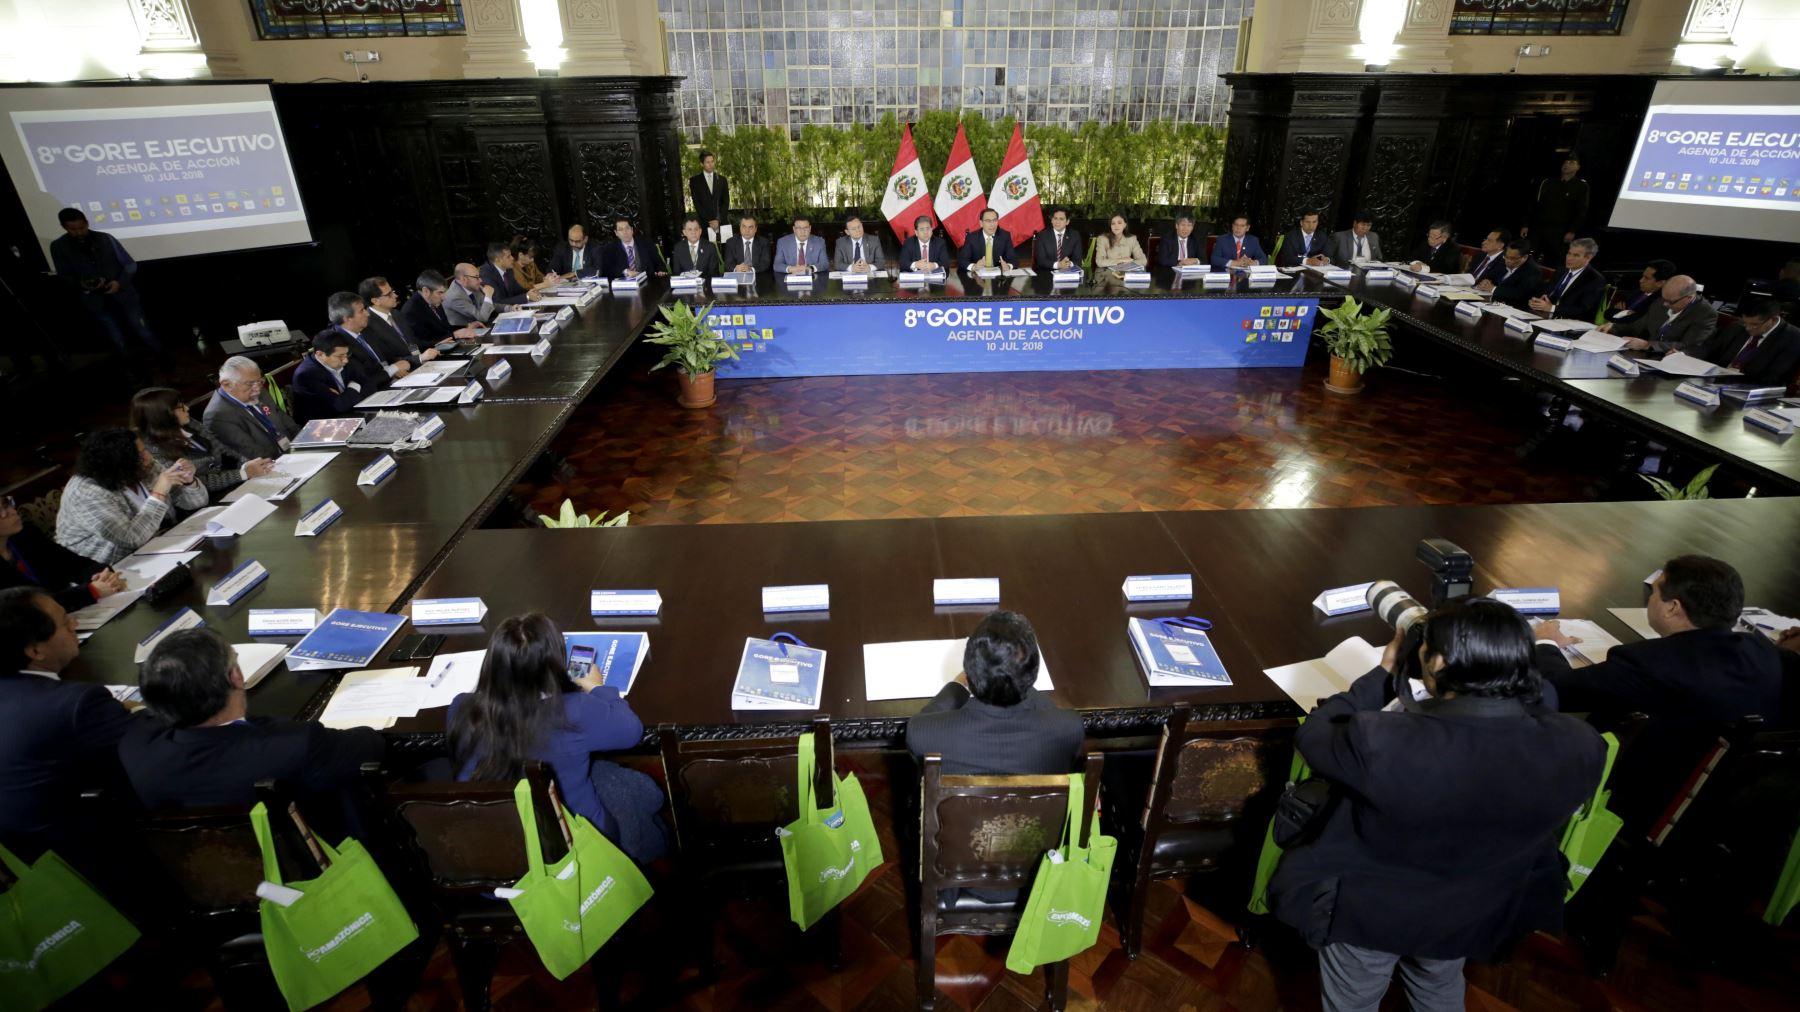 Bicentenario: habrá Gore-Ejecutivo con nuevas autoridades y se instalará comisión regional. ANDINA/Difusión